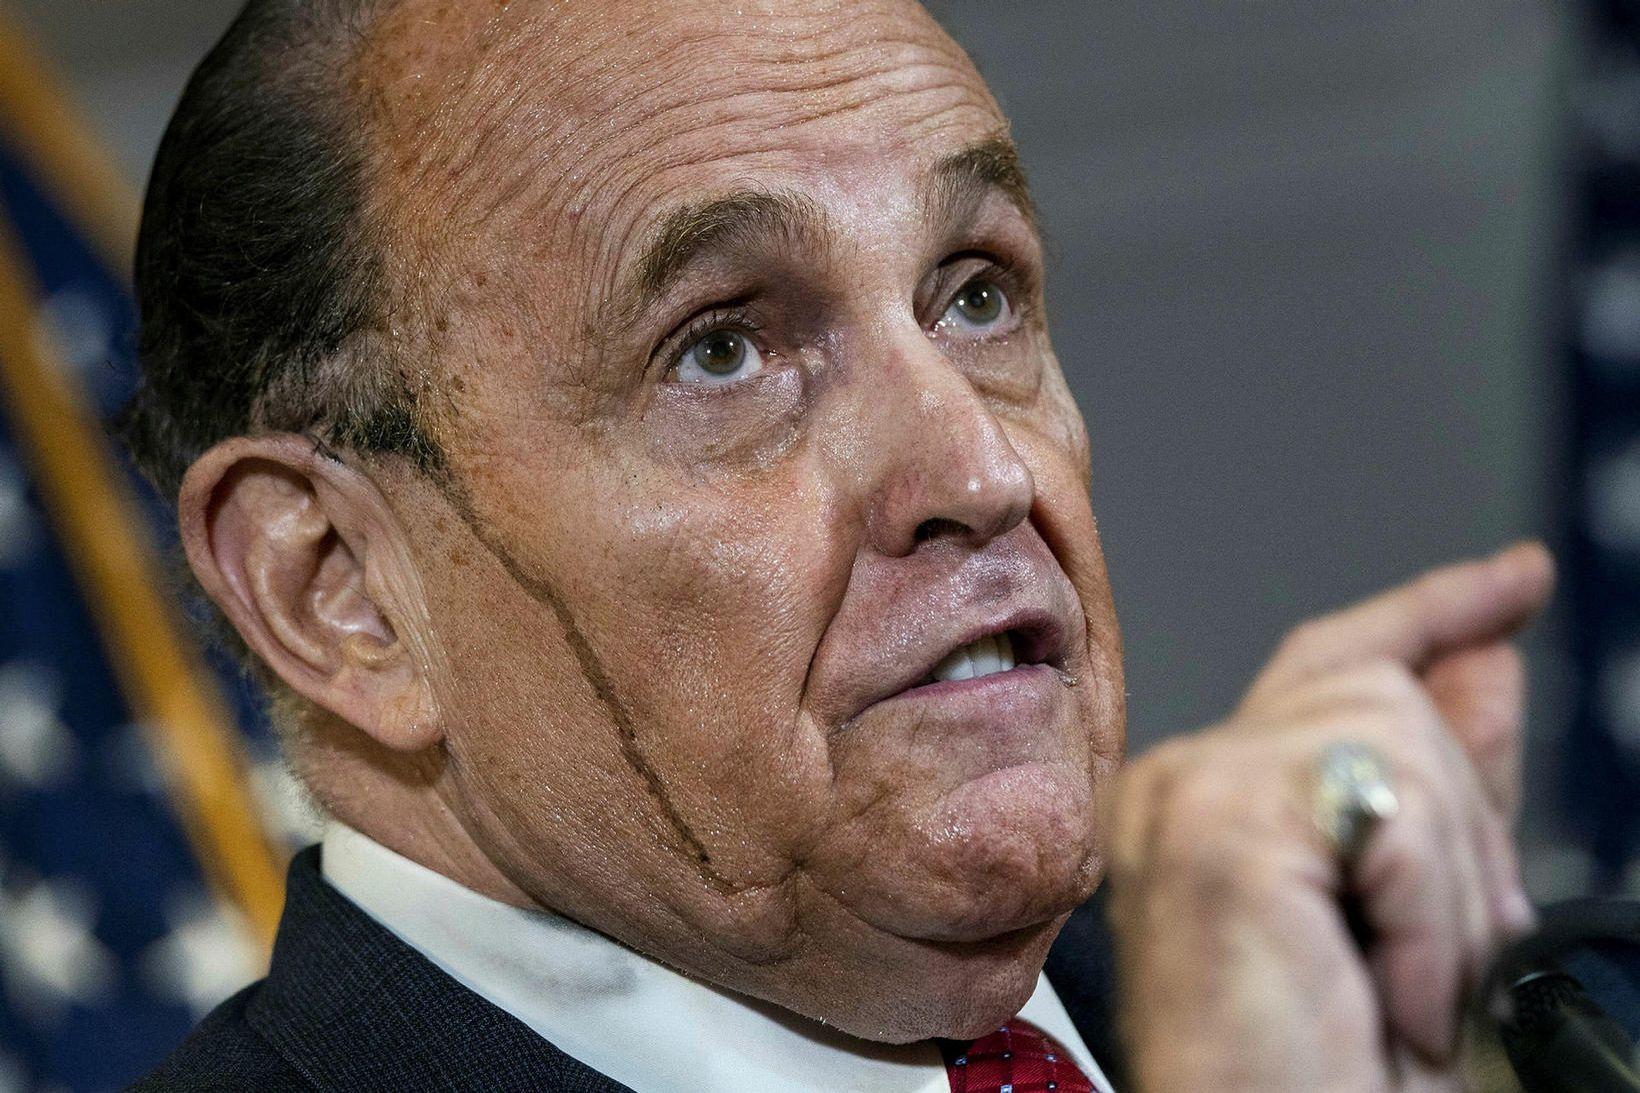 Rudy Giuliani hefur verið sviptur lögmannsréttindum sínum tímabundið.